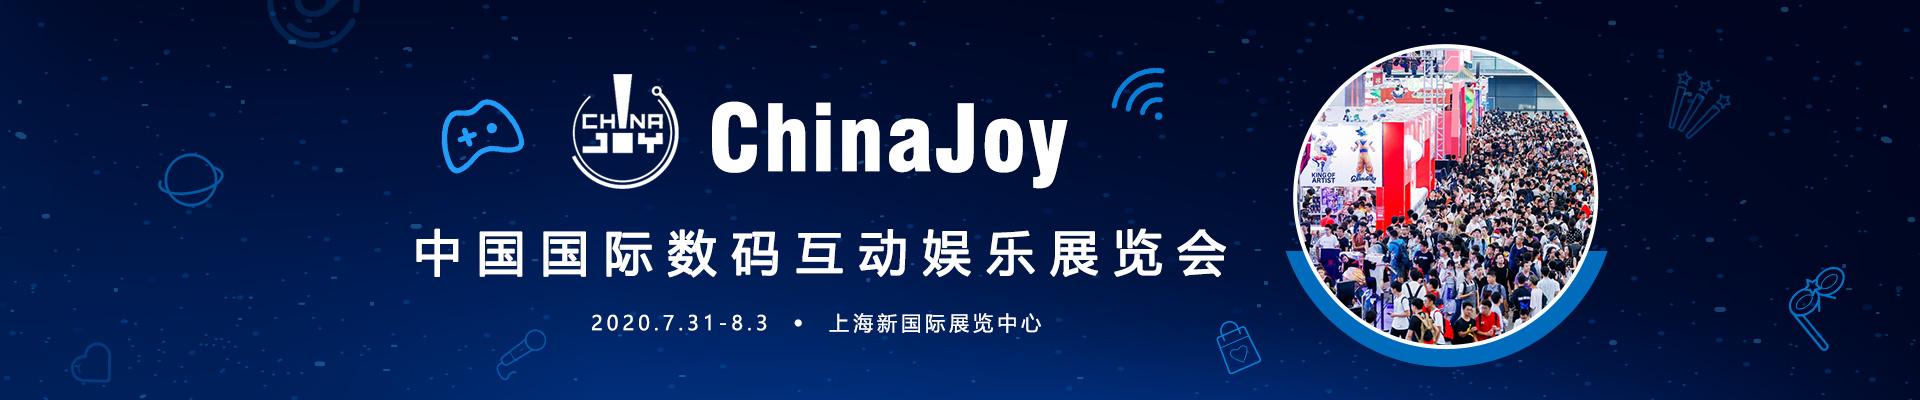 2020中国国际数码互动娱乐展览会